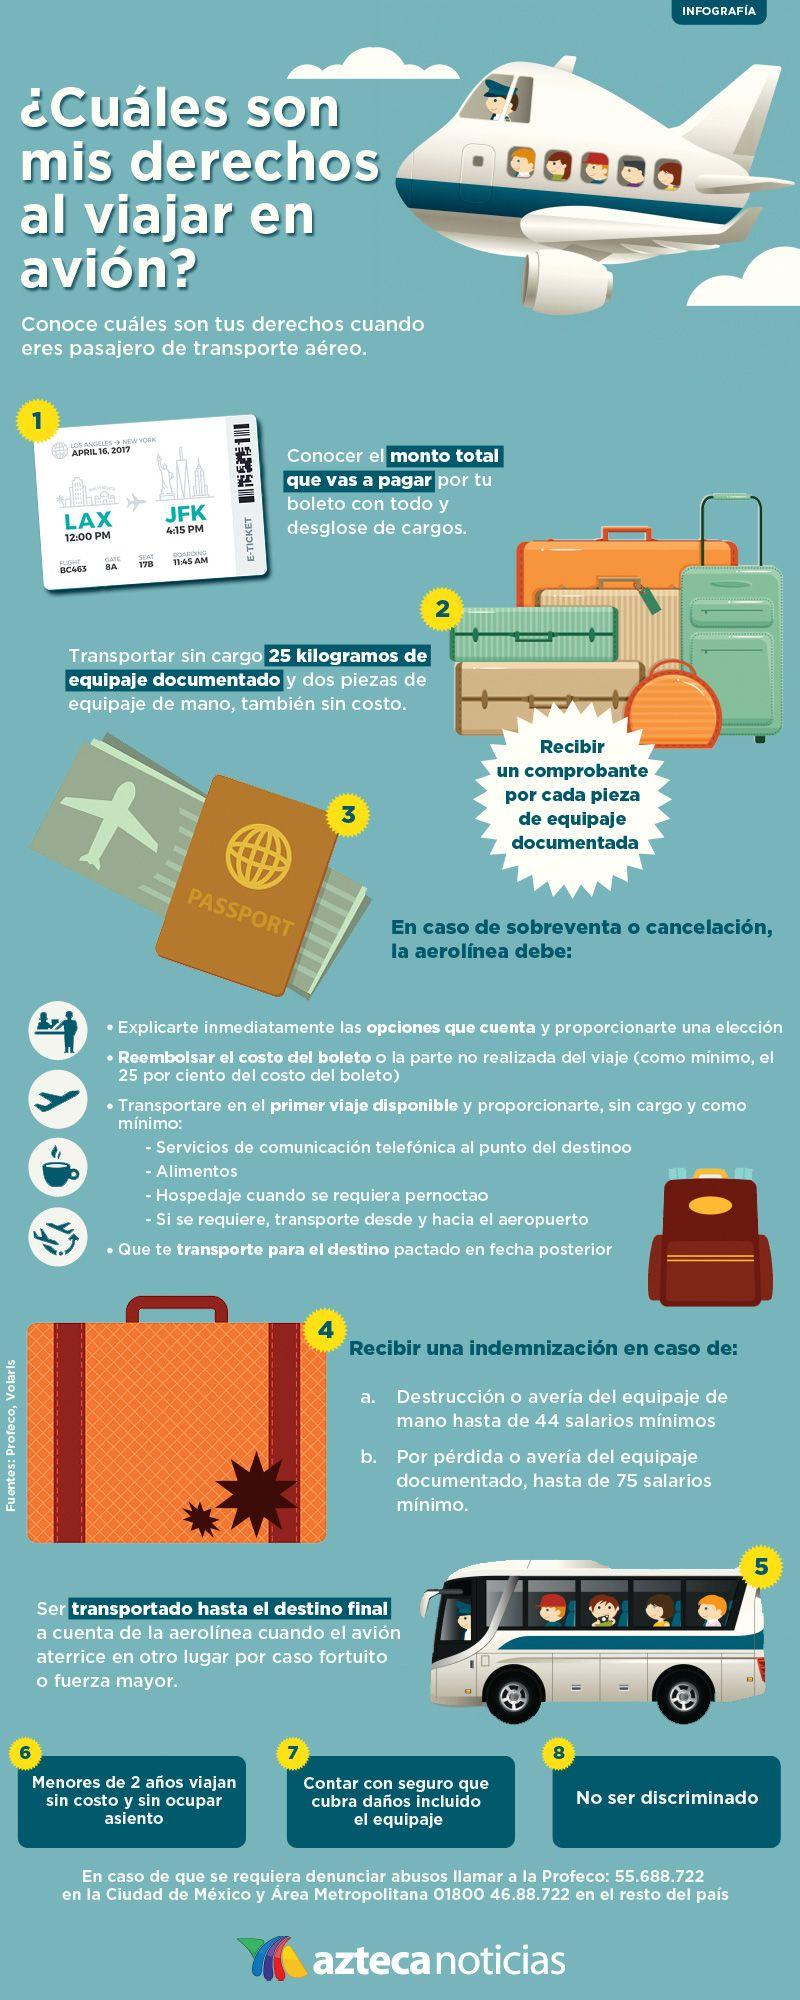 318eaad19 Cuáles son mis derechos al viajar en avión? #infografia   Viajes ...